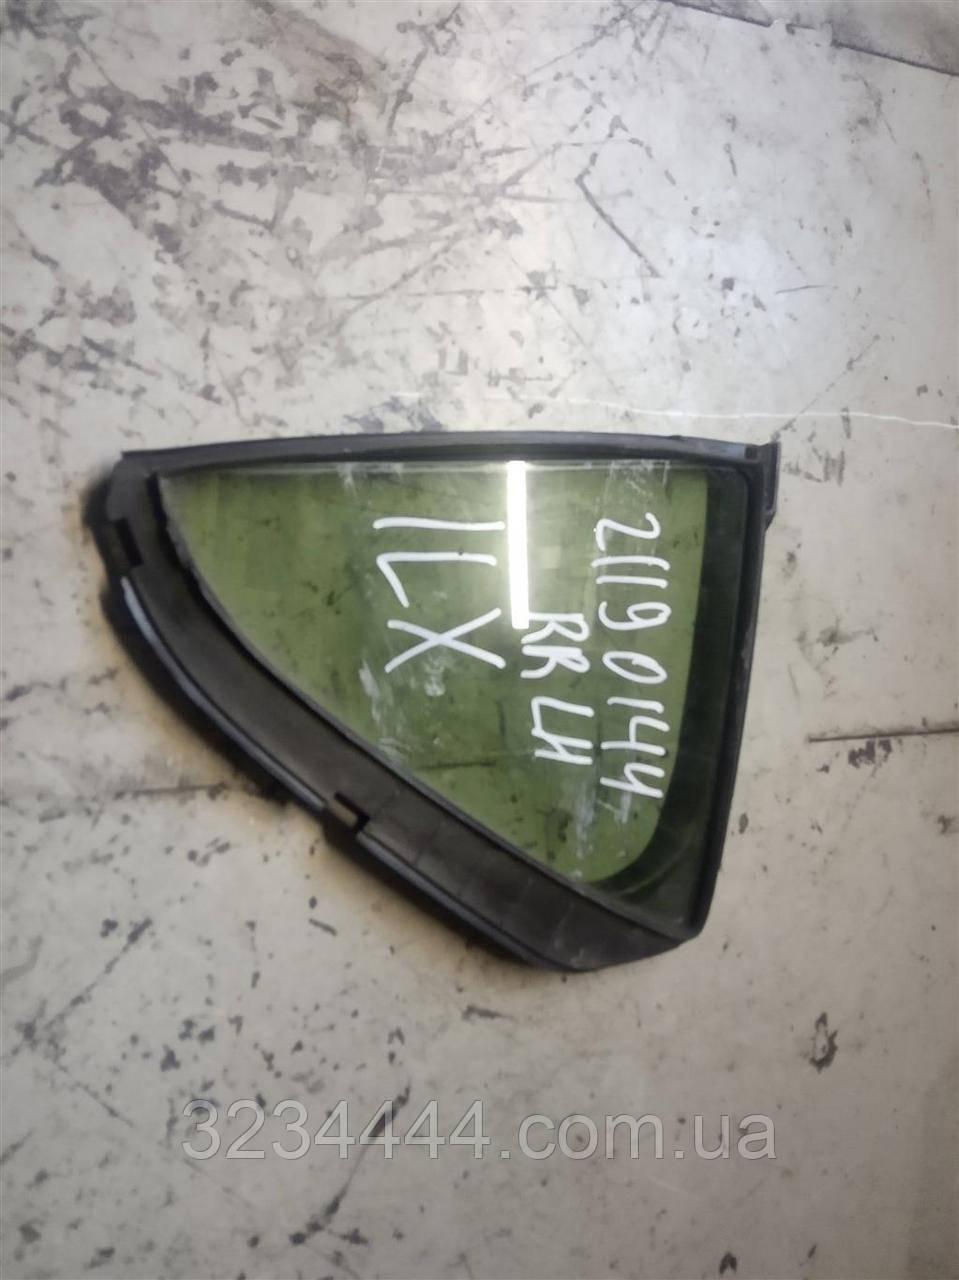 Стекло дверное глухое RL заднее левое ACURA  ILX 12-16